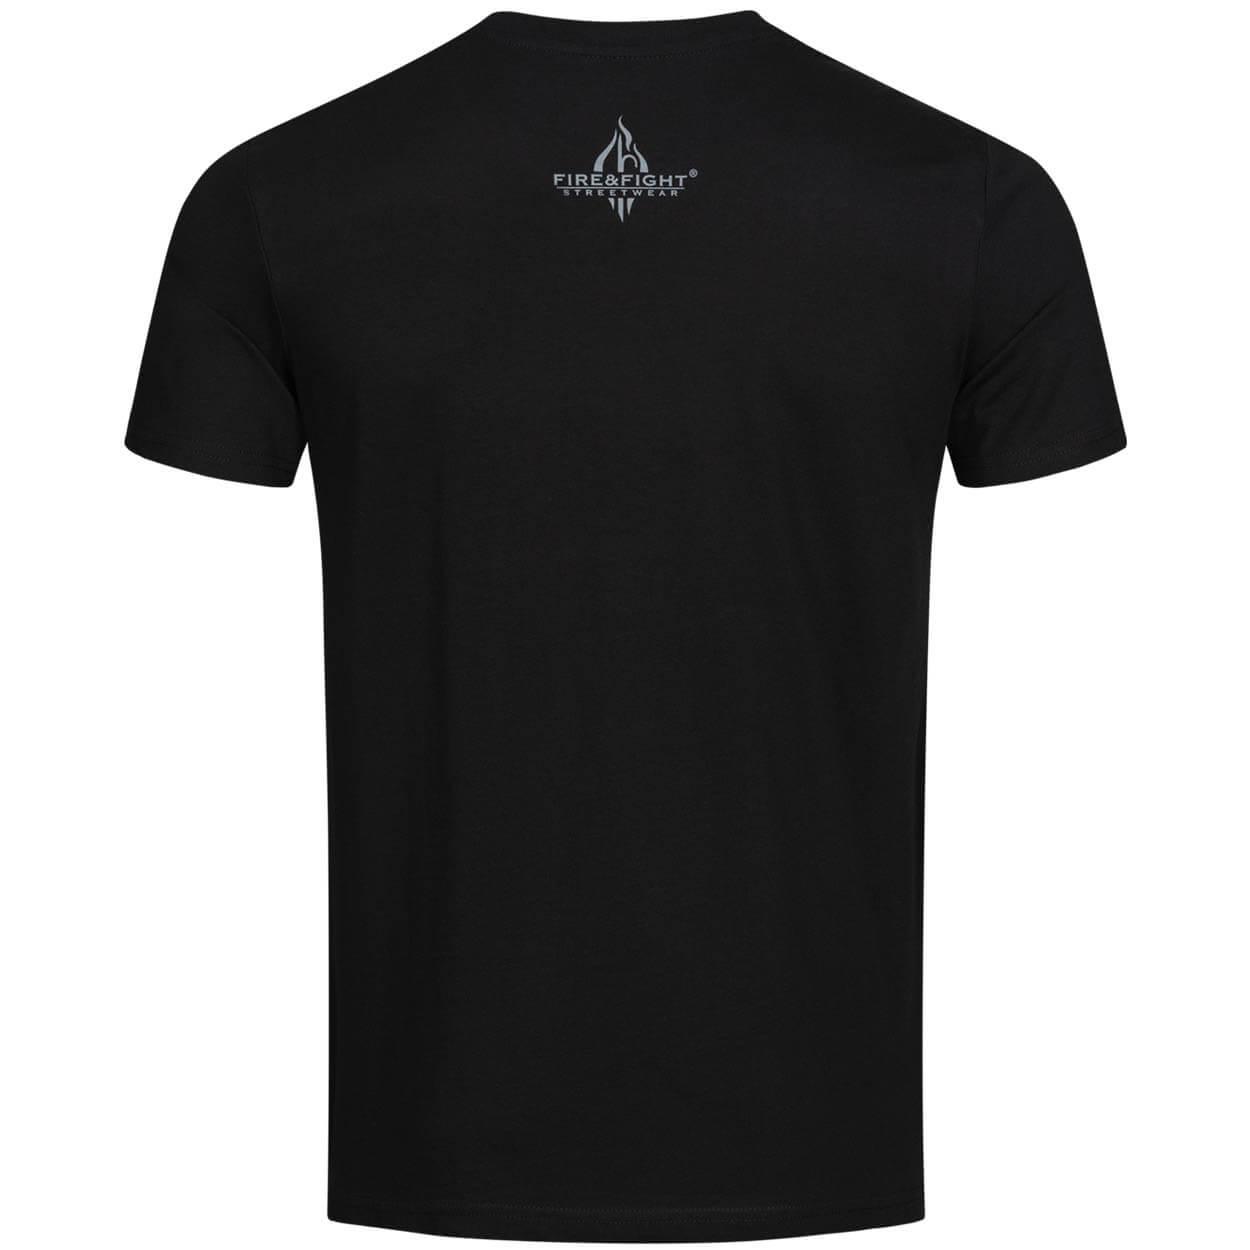 Feuerwehr, die etwas andere Familie - Männer T-Shirt schwarz